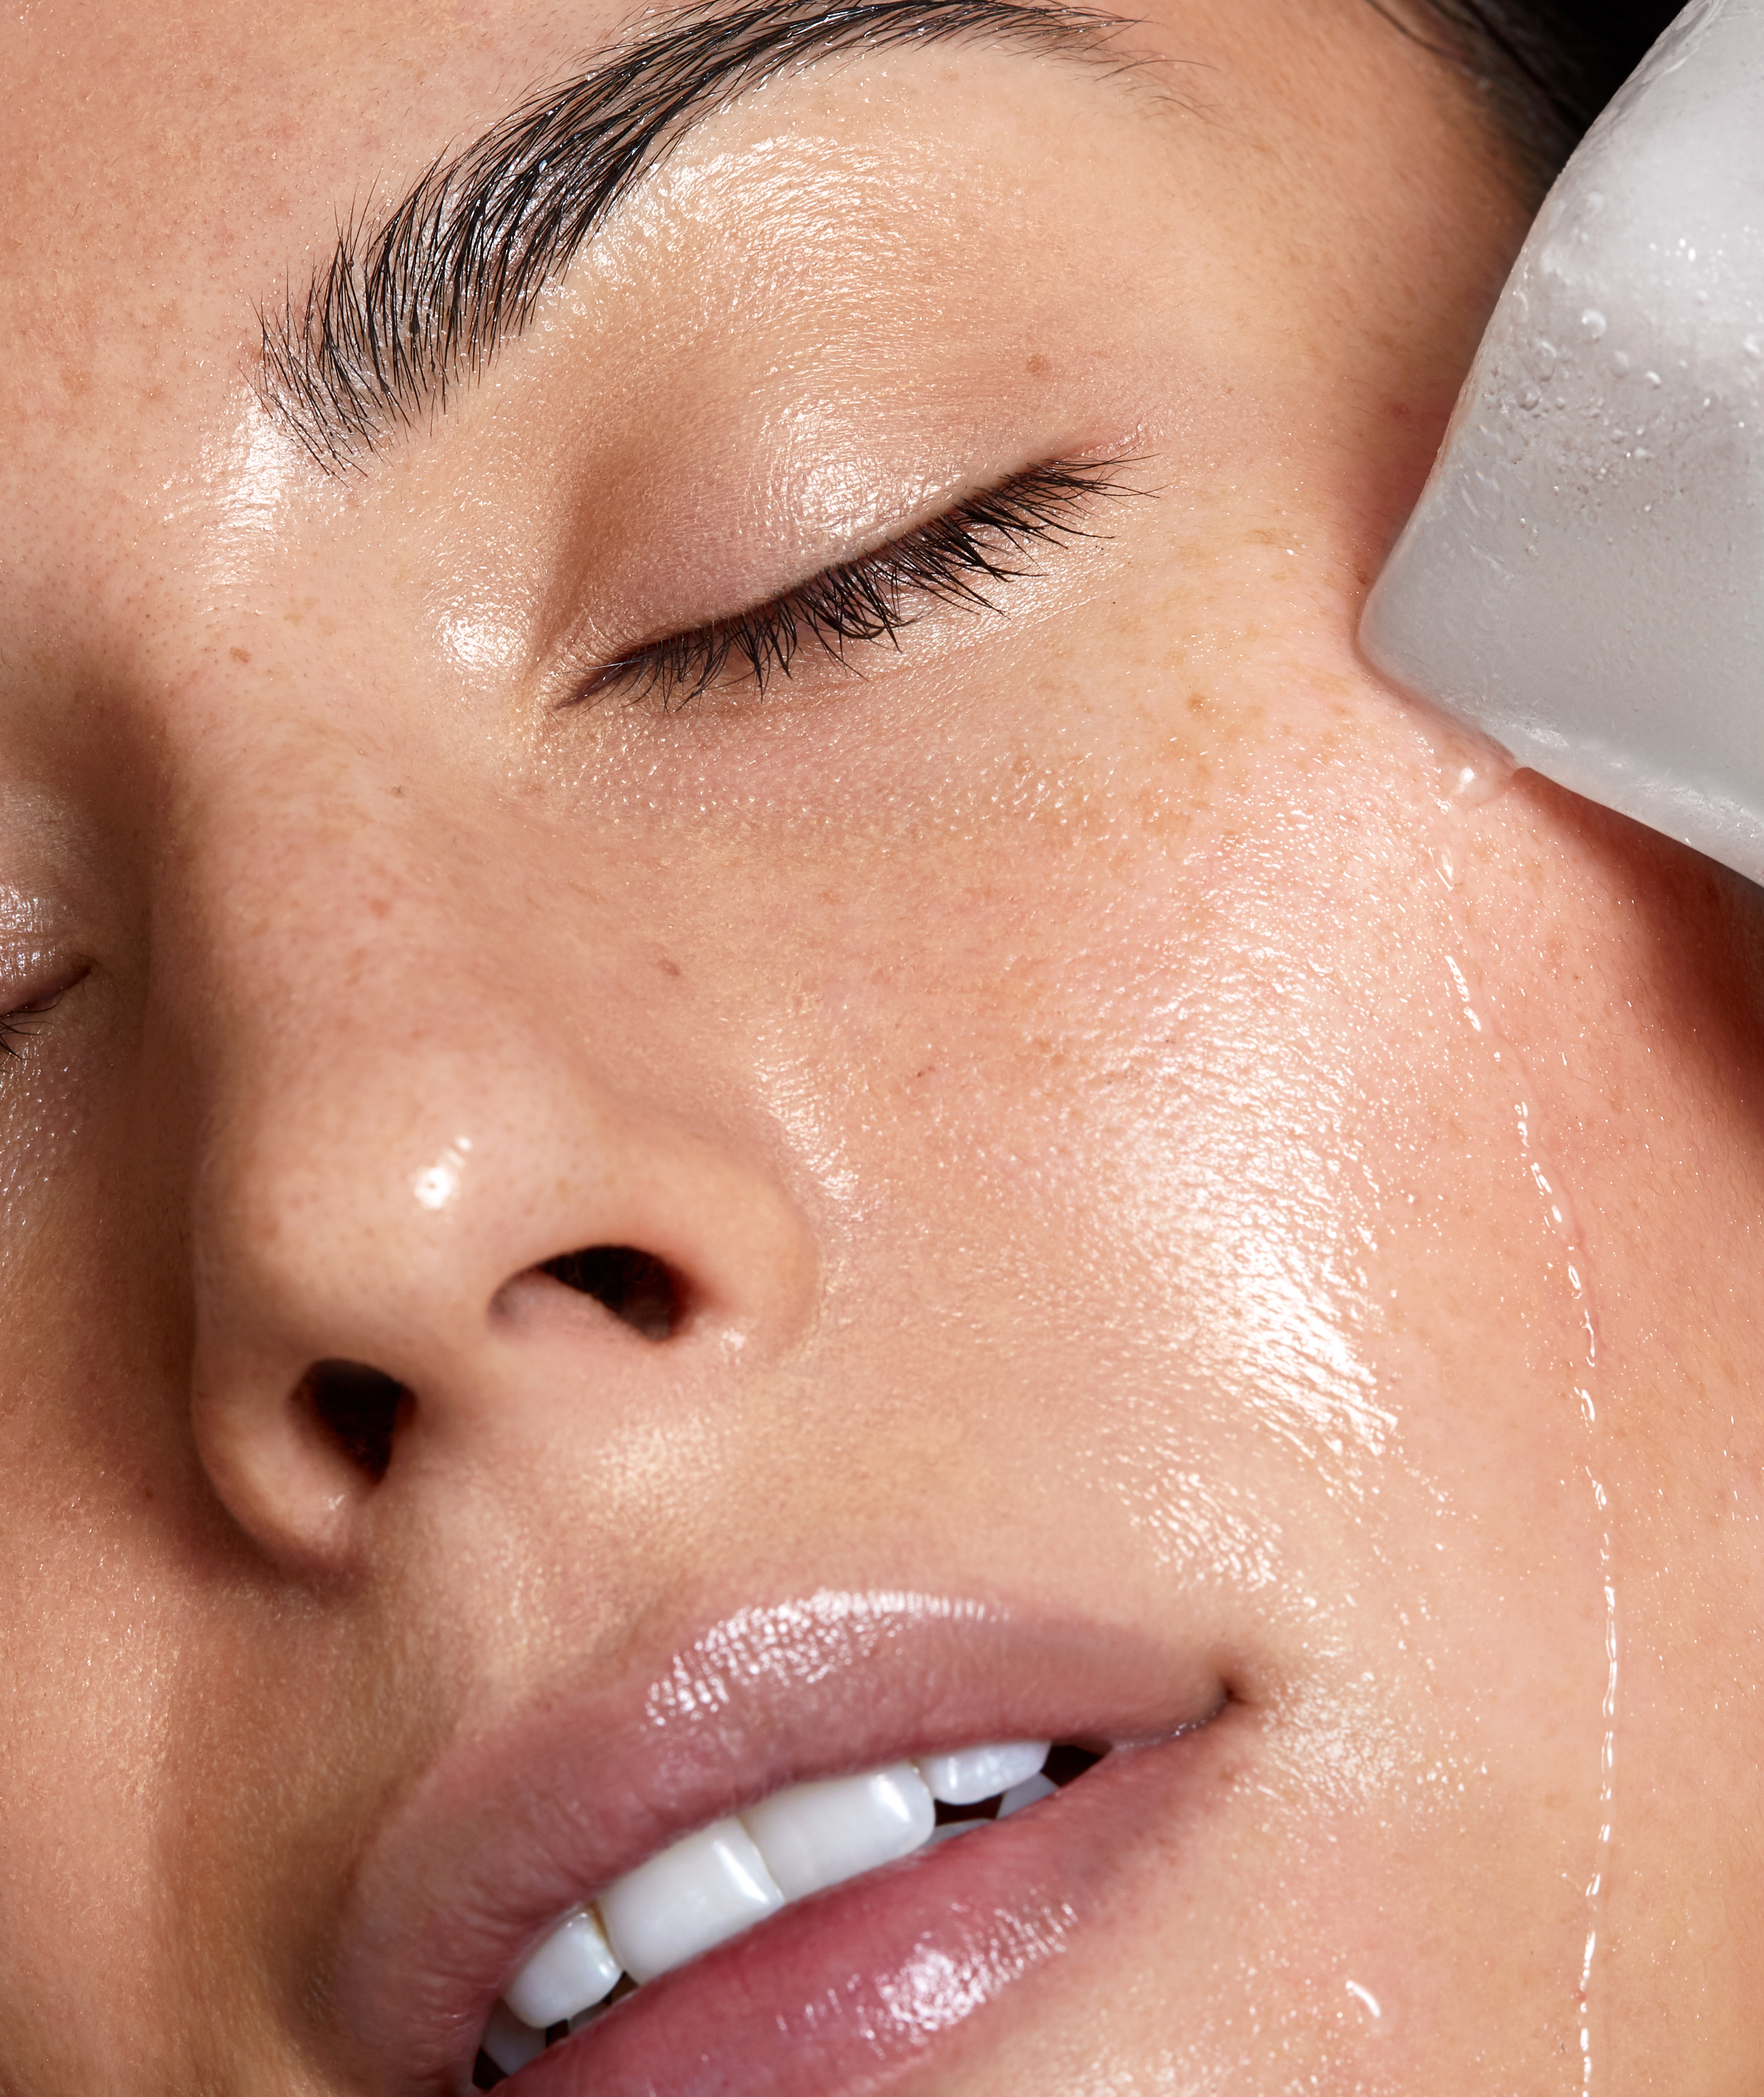 Skincare11530Dec 13 2020